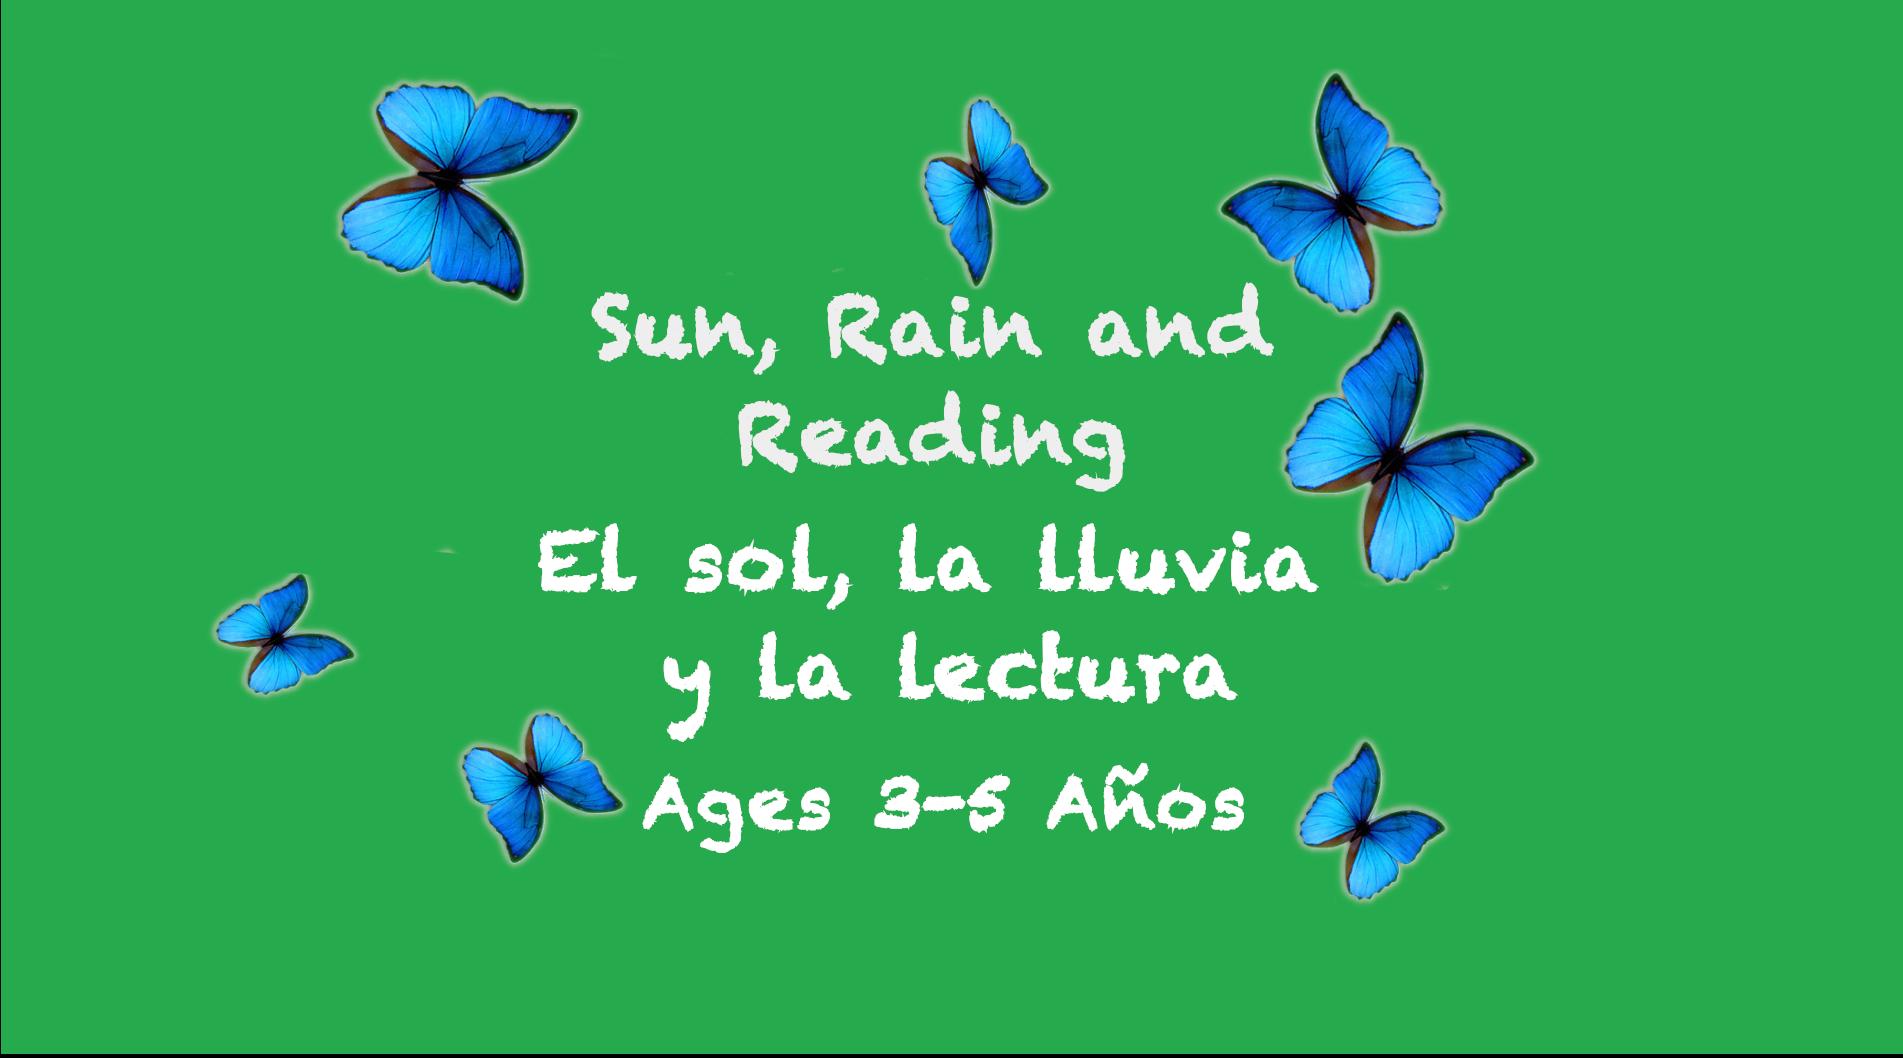 Temas semanales: Sol, Lluvia y Lectura para 3-5 años